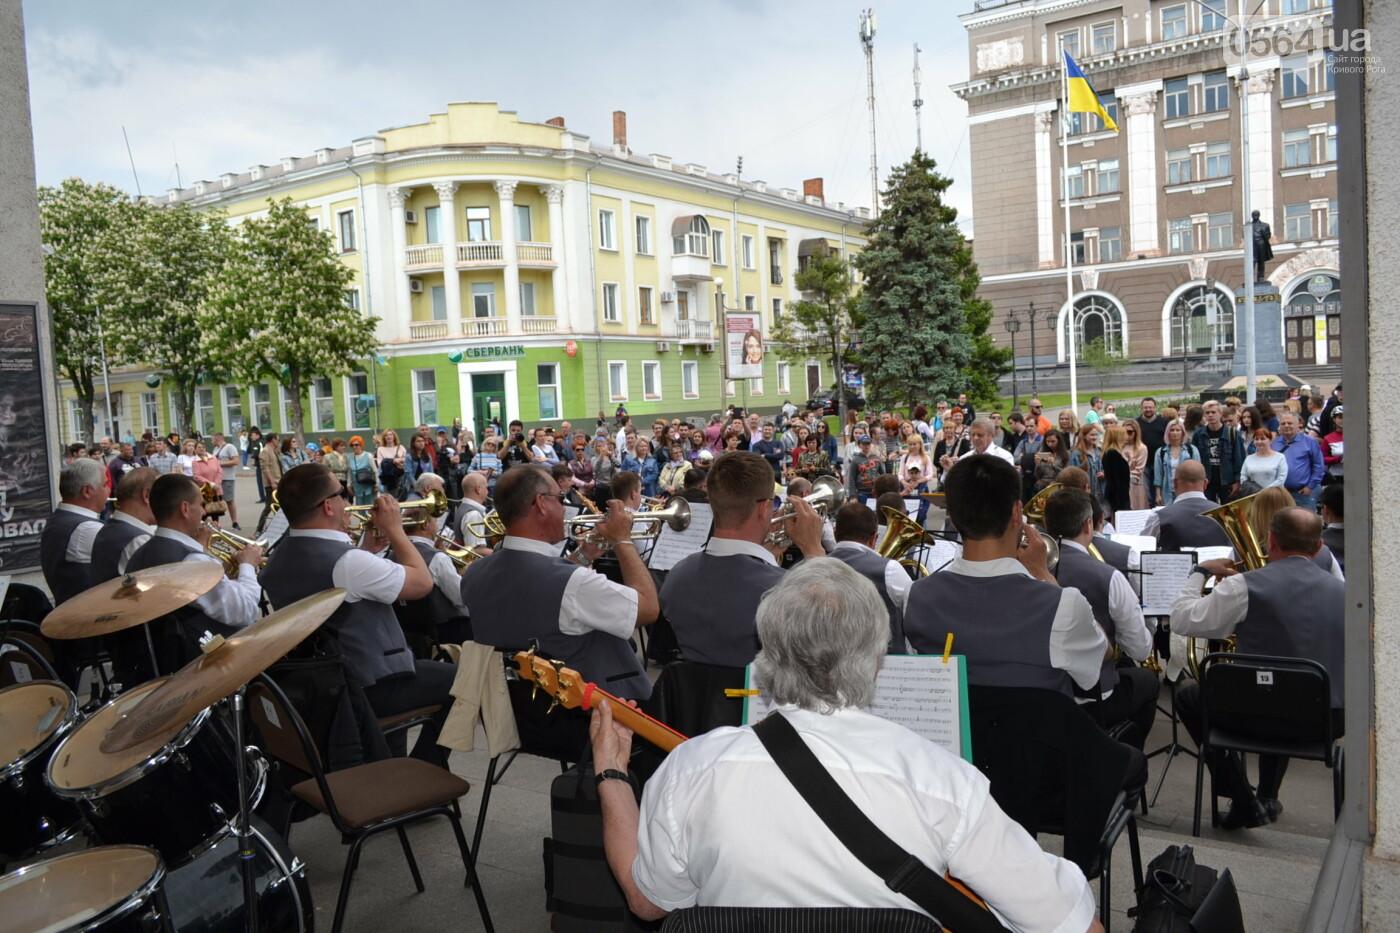 Играют все: на проспекте Почтовом в Кривом Роге проходит фестиваль уличной музыки, - ФОТО, ВИДЕО, фото-16